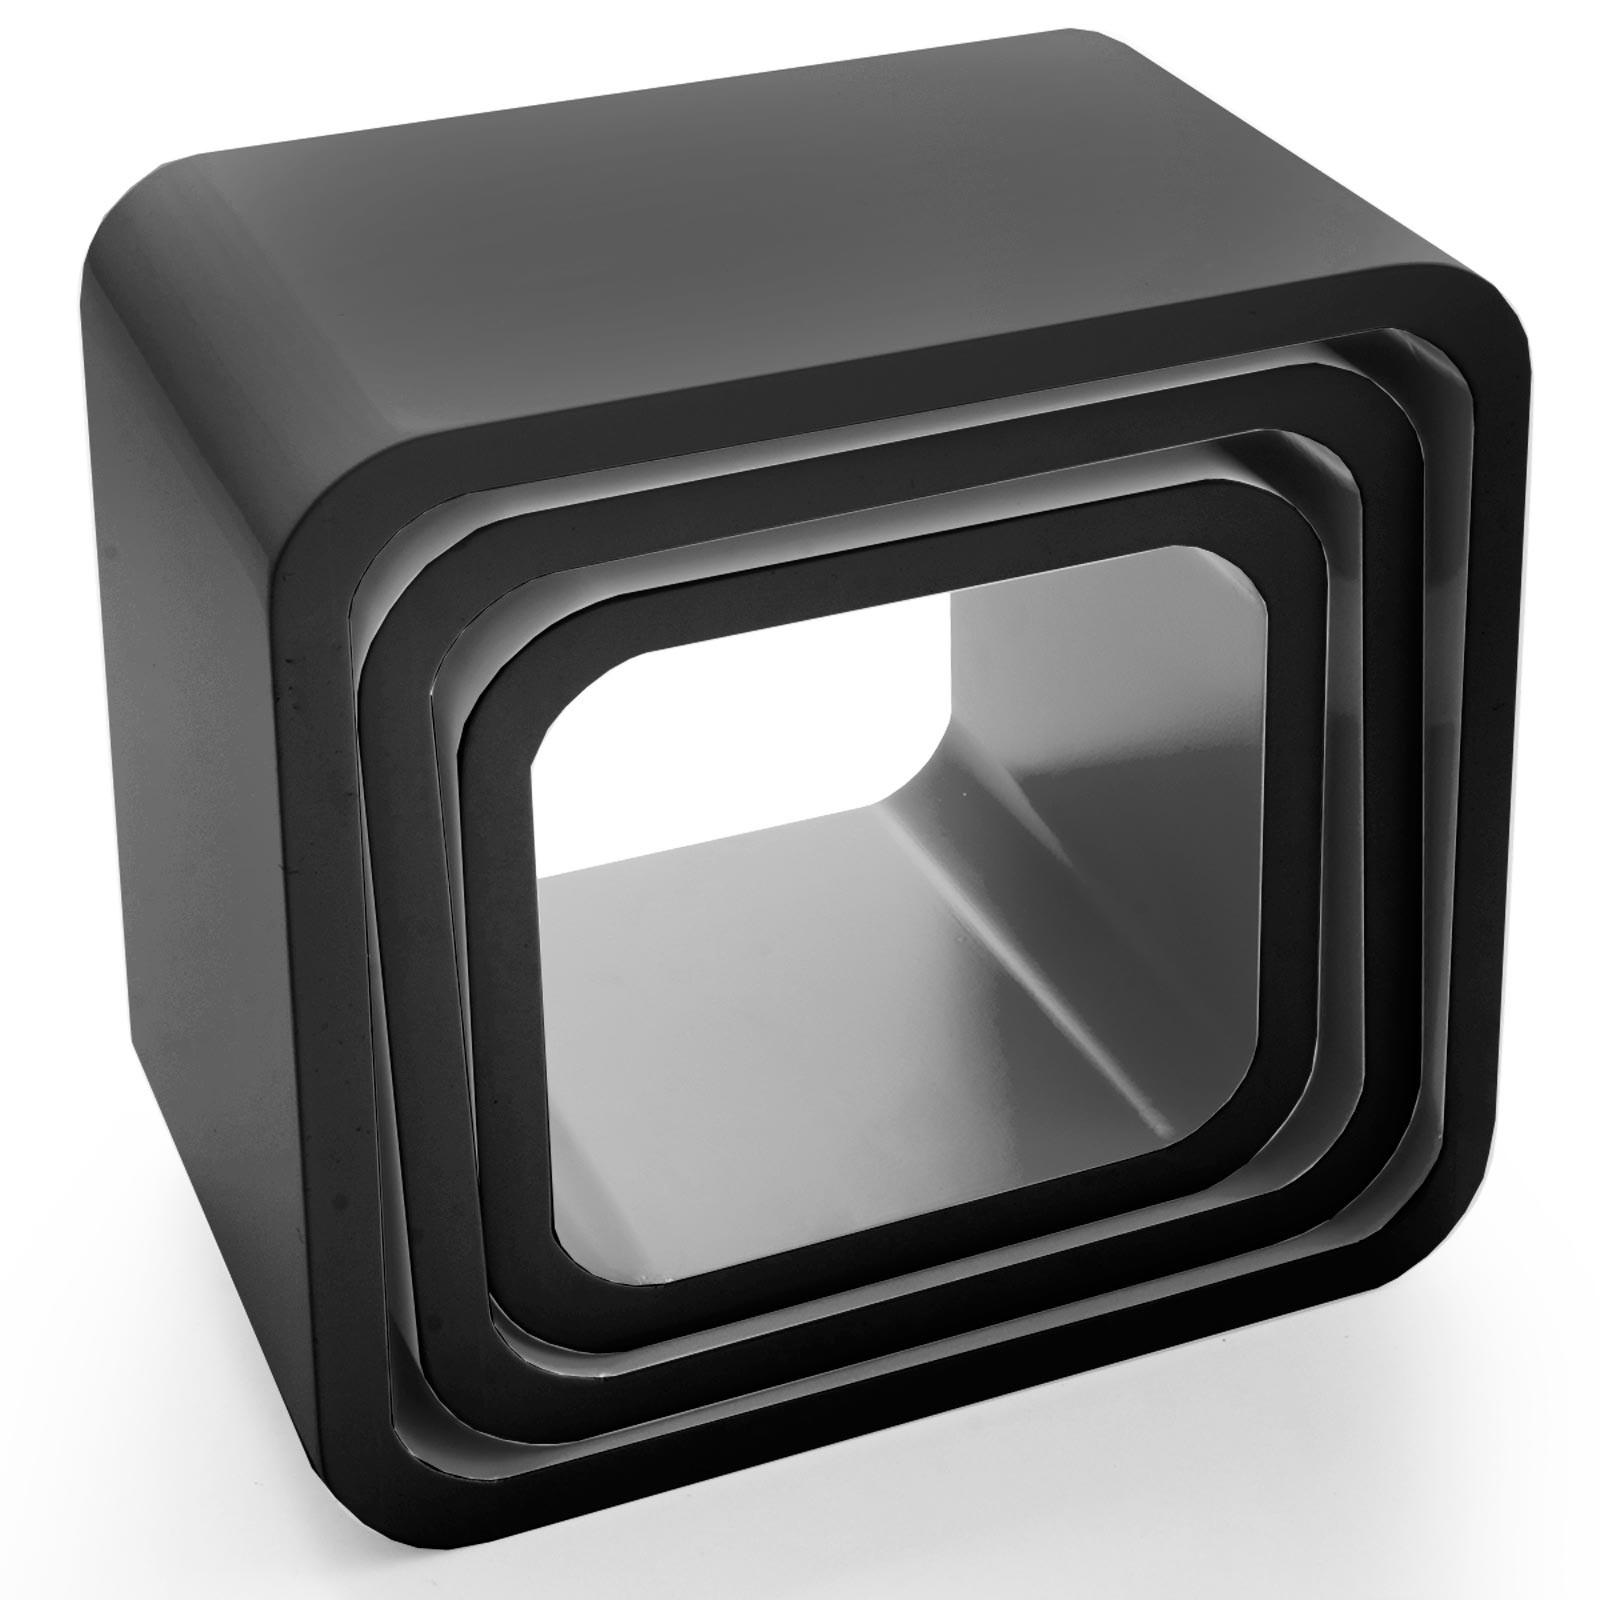 Full Size of Cube Regal Weiß Hochglanz Wandregal 3 Teilig 4 Farben Daytonde Wohnzimmer Vitrine Badezimmer Hochschrank Bücher Regale Kleine Bad Hängeschrank Holz Tisch Wohnzimmer Cube Regal Weiß Hochglanz